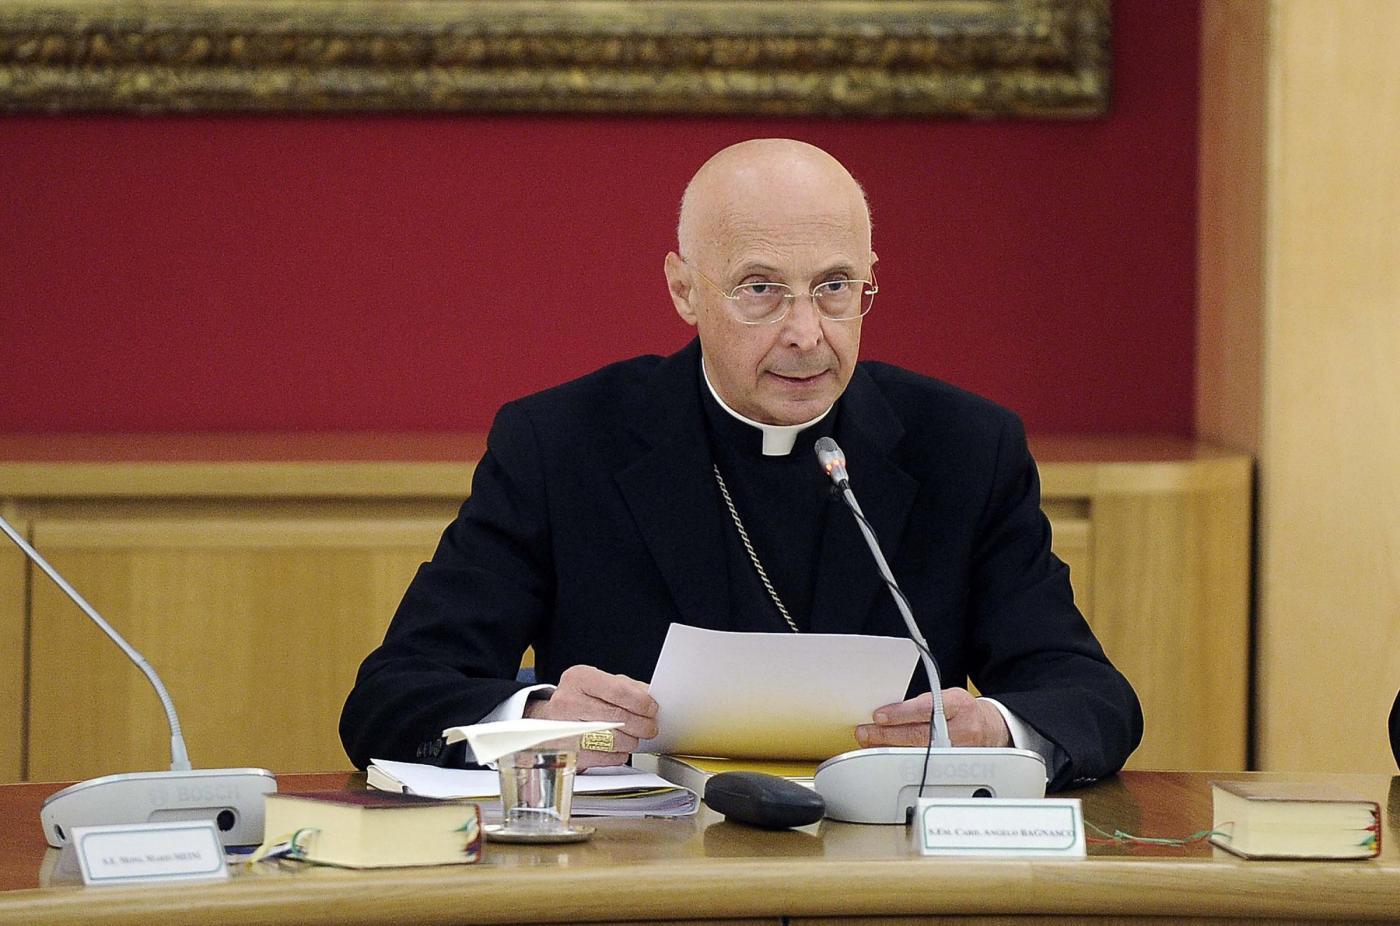 Cardinal Bagnasco